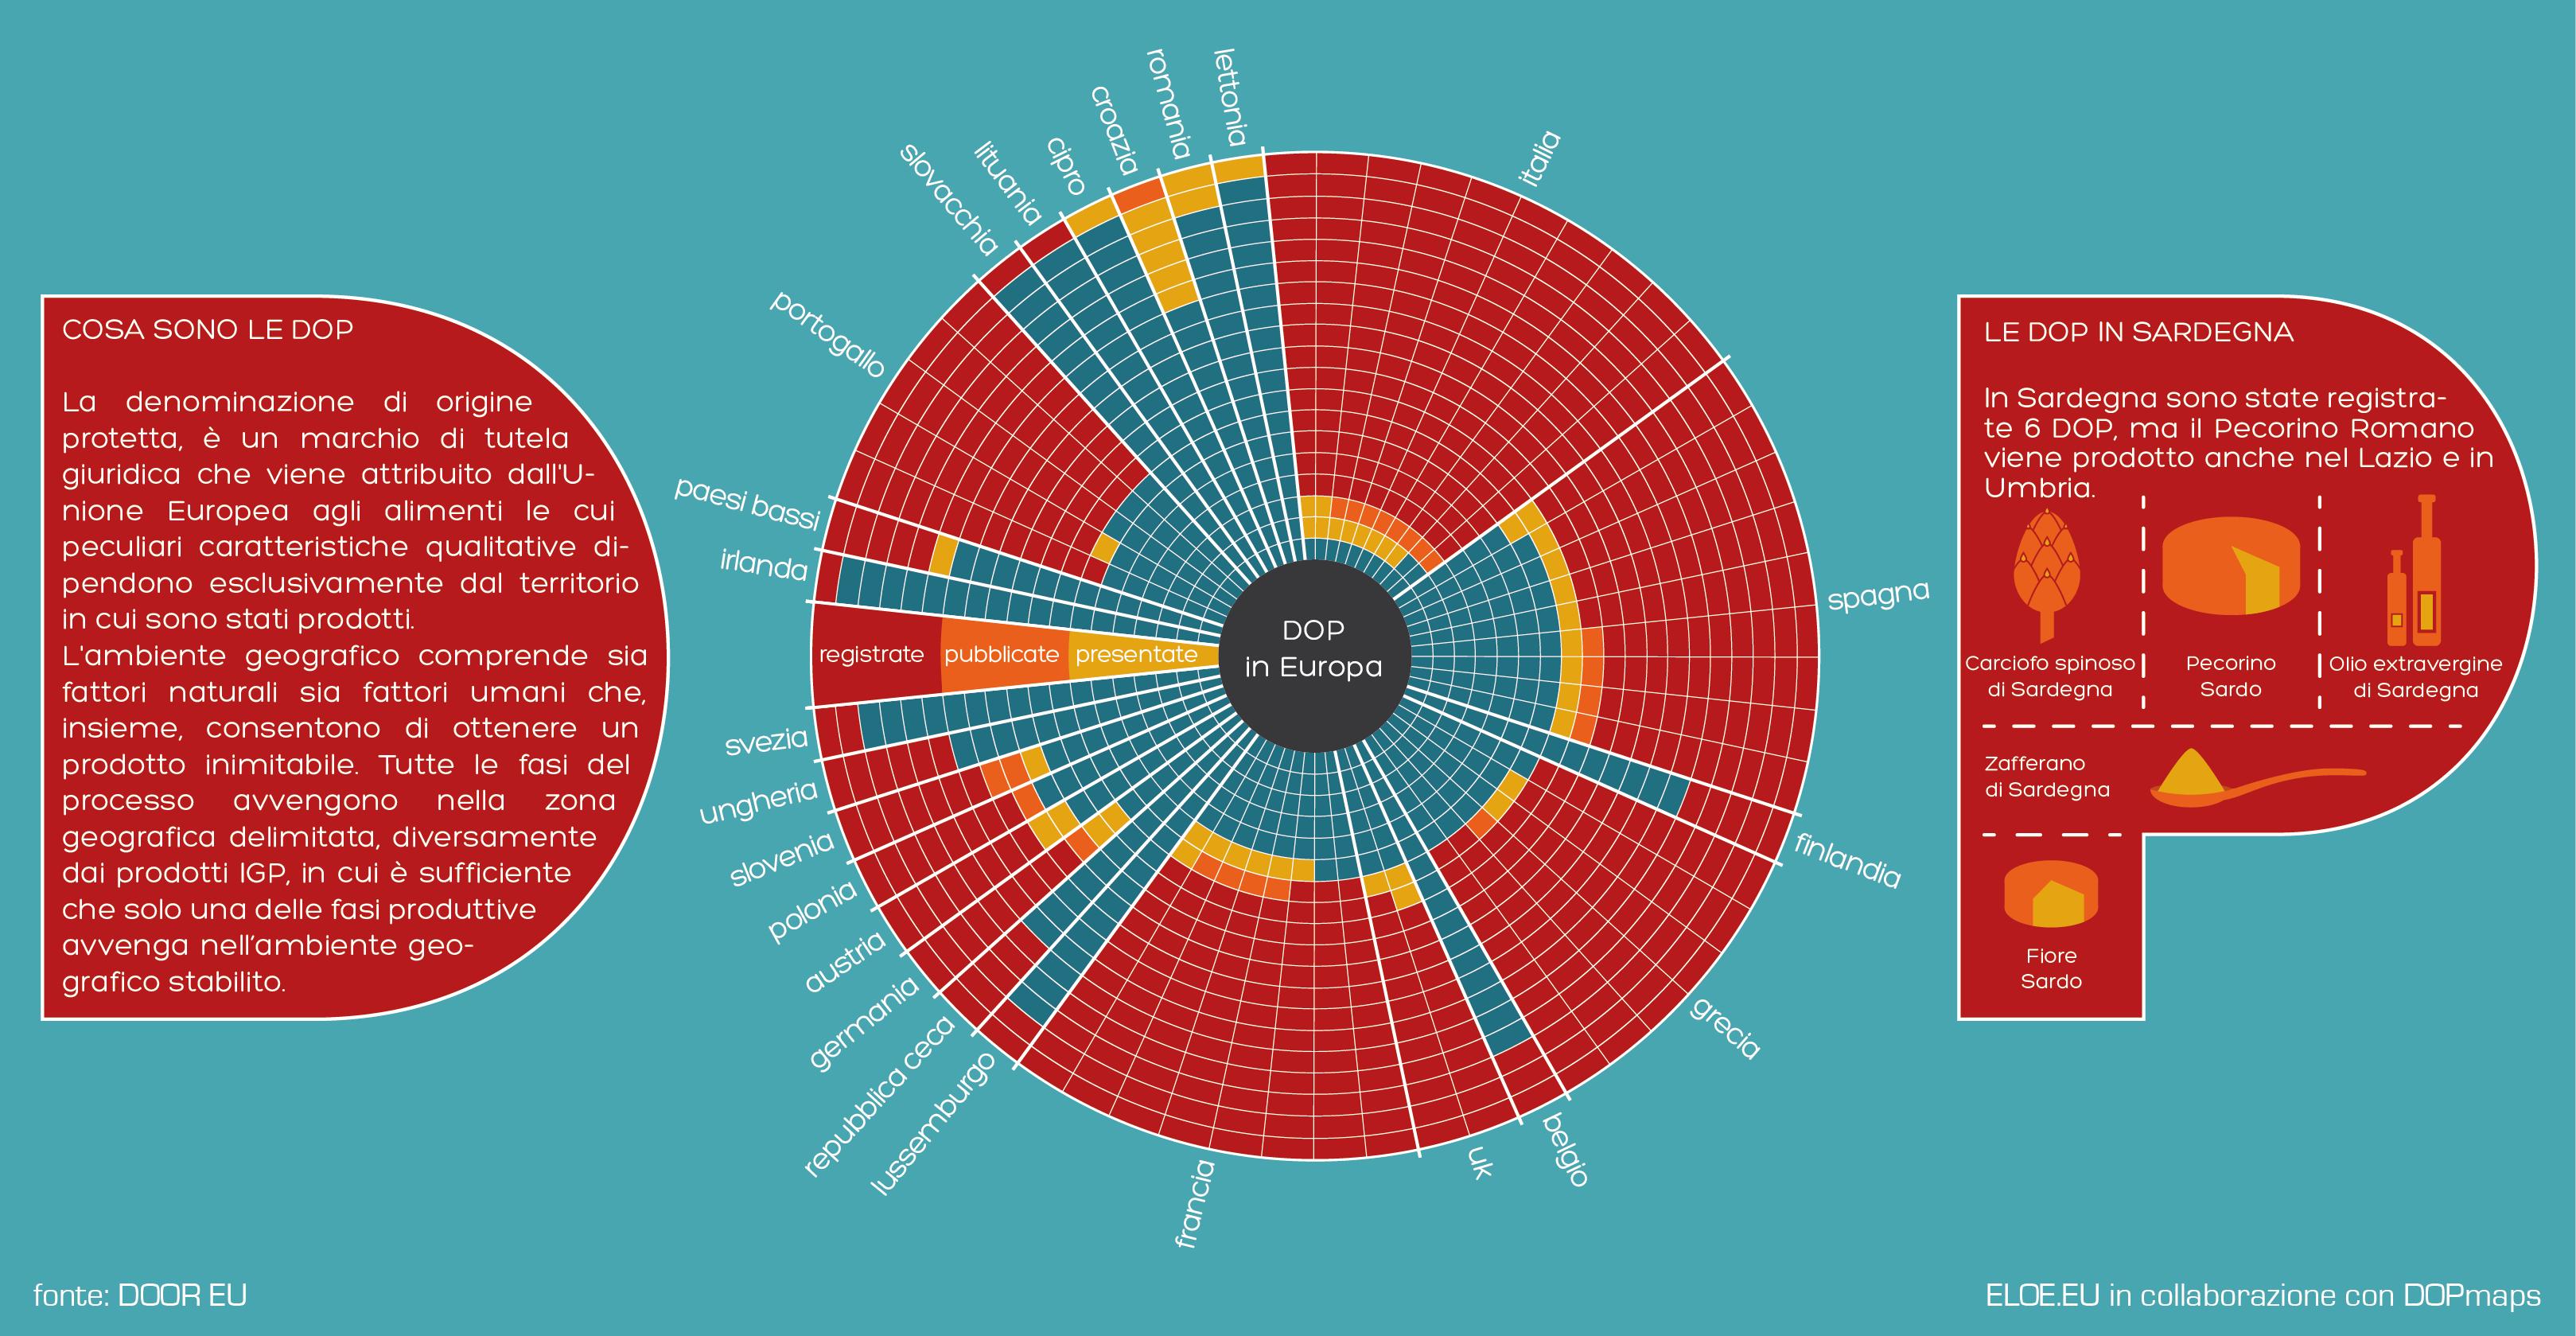 Infografica sui prodotti DOP D.O.P. in Sardegna e in Europa